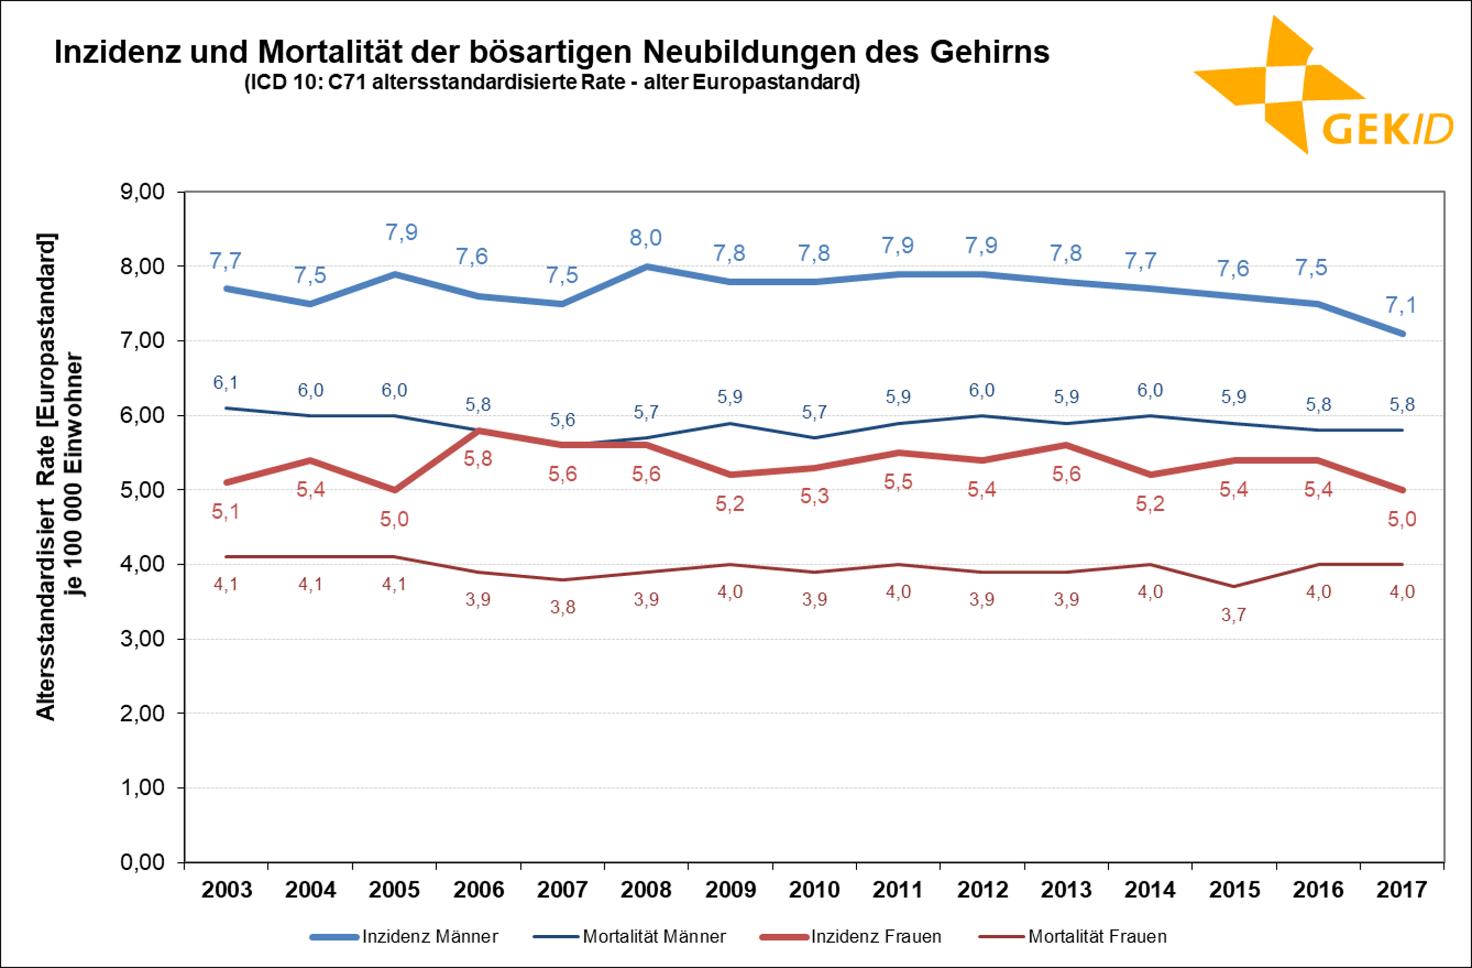 Geschätzte Inzidenz und Mortalität der bösartigen Neuerkrankungen des Gehirns (ICD 10: C71) in Deutschland – Altersstandardisierte Raten (alter Europastandard)